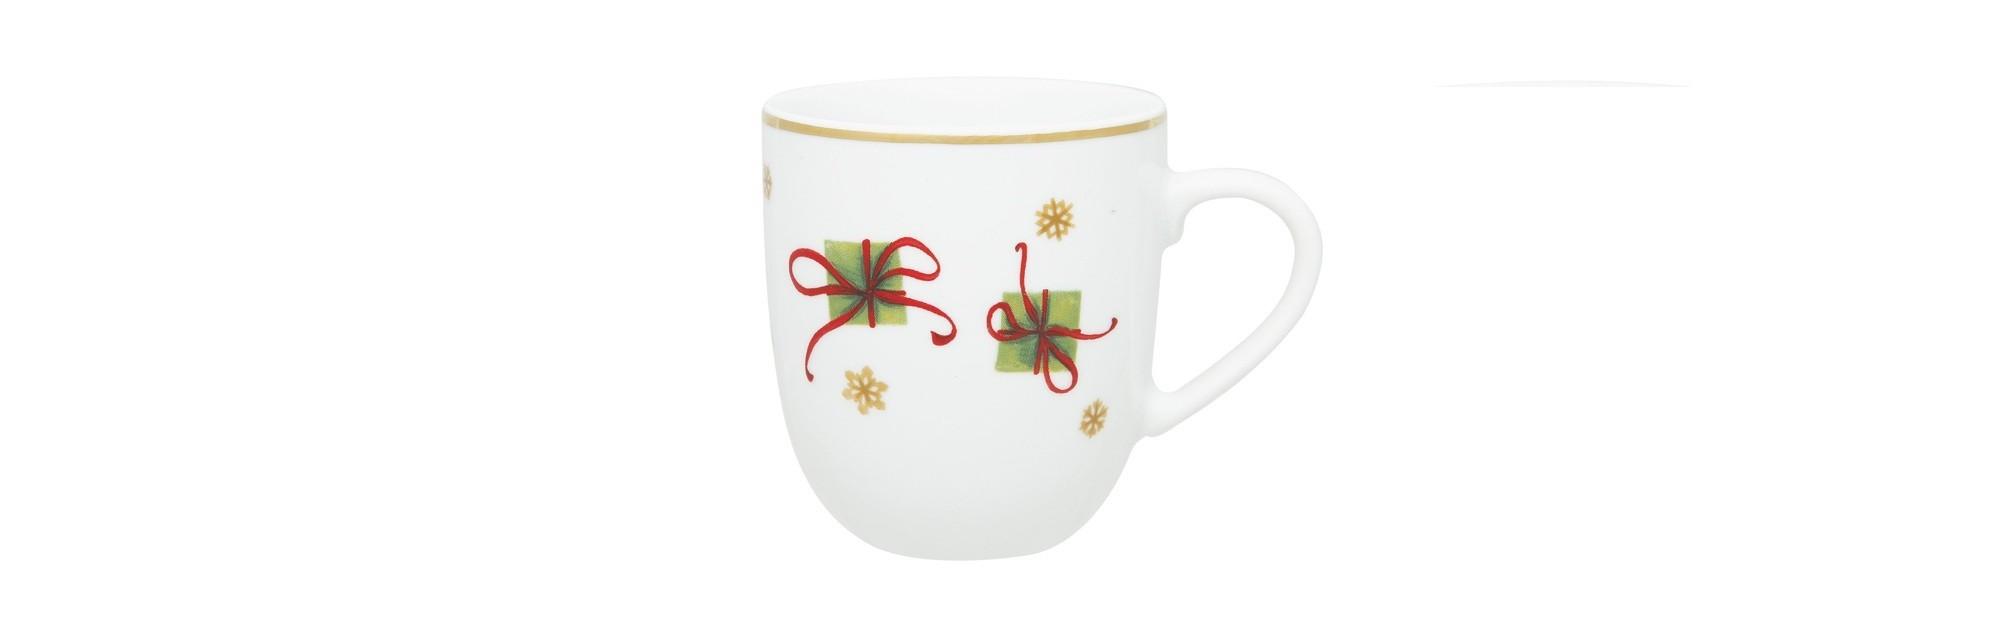 Κούπα Δωράκια Noel Ionia home   ειδη cafe τσαϊ   κούπες   φλυτζάνια